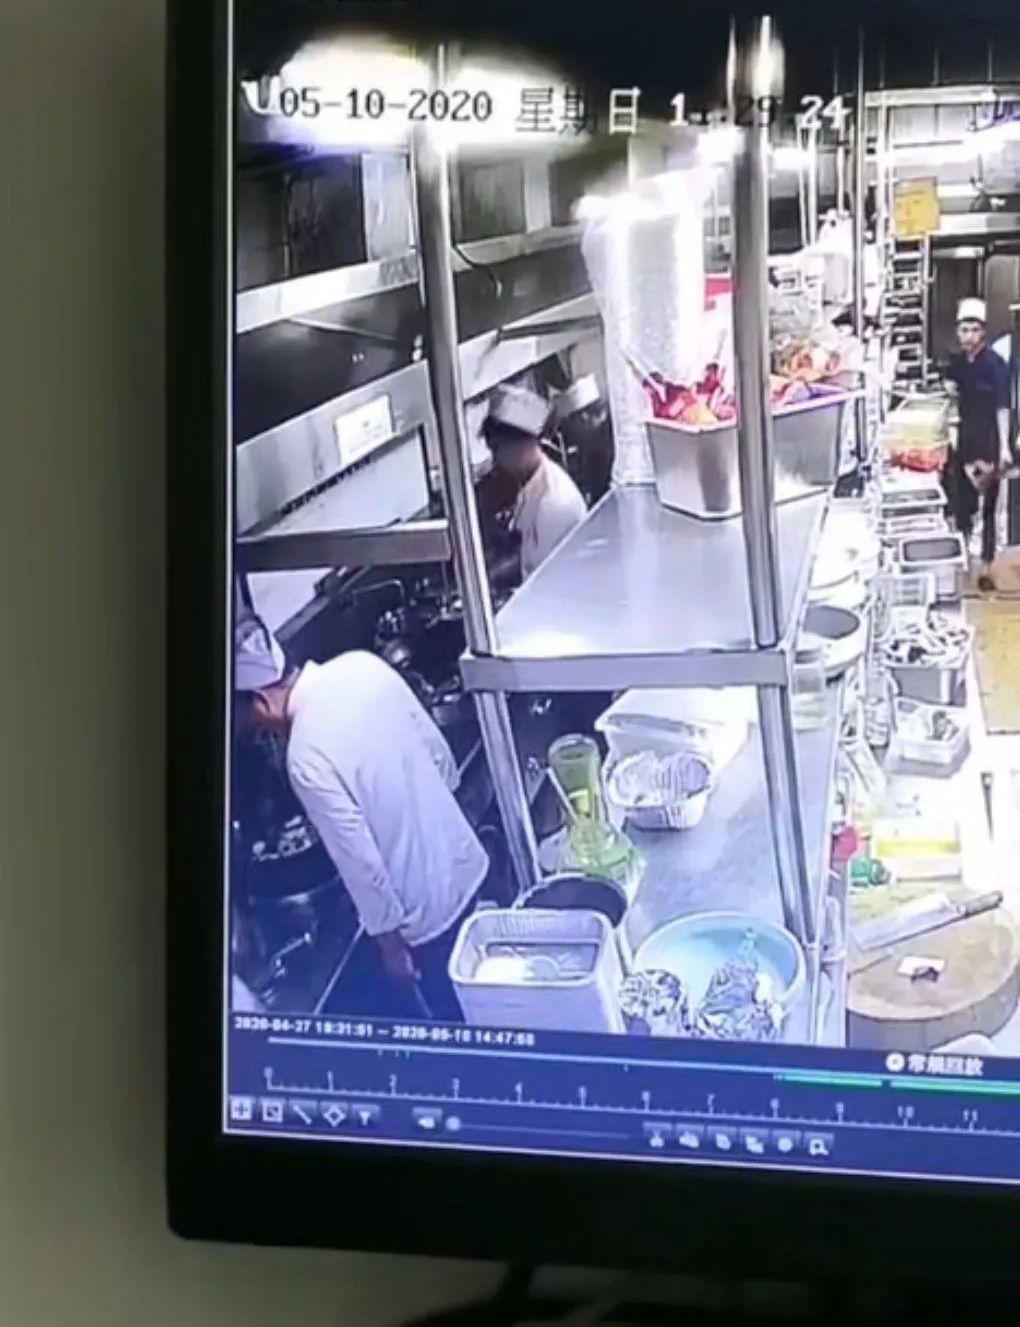 厨师向菜锅吐口水 苏福记一门店将被吊销经营许可证